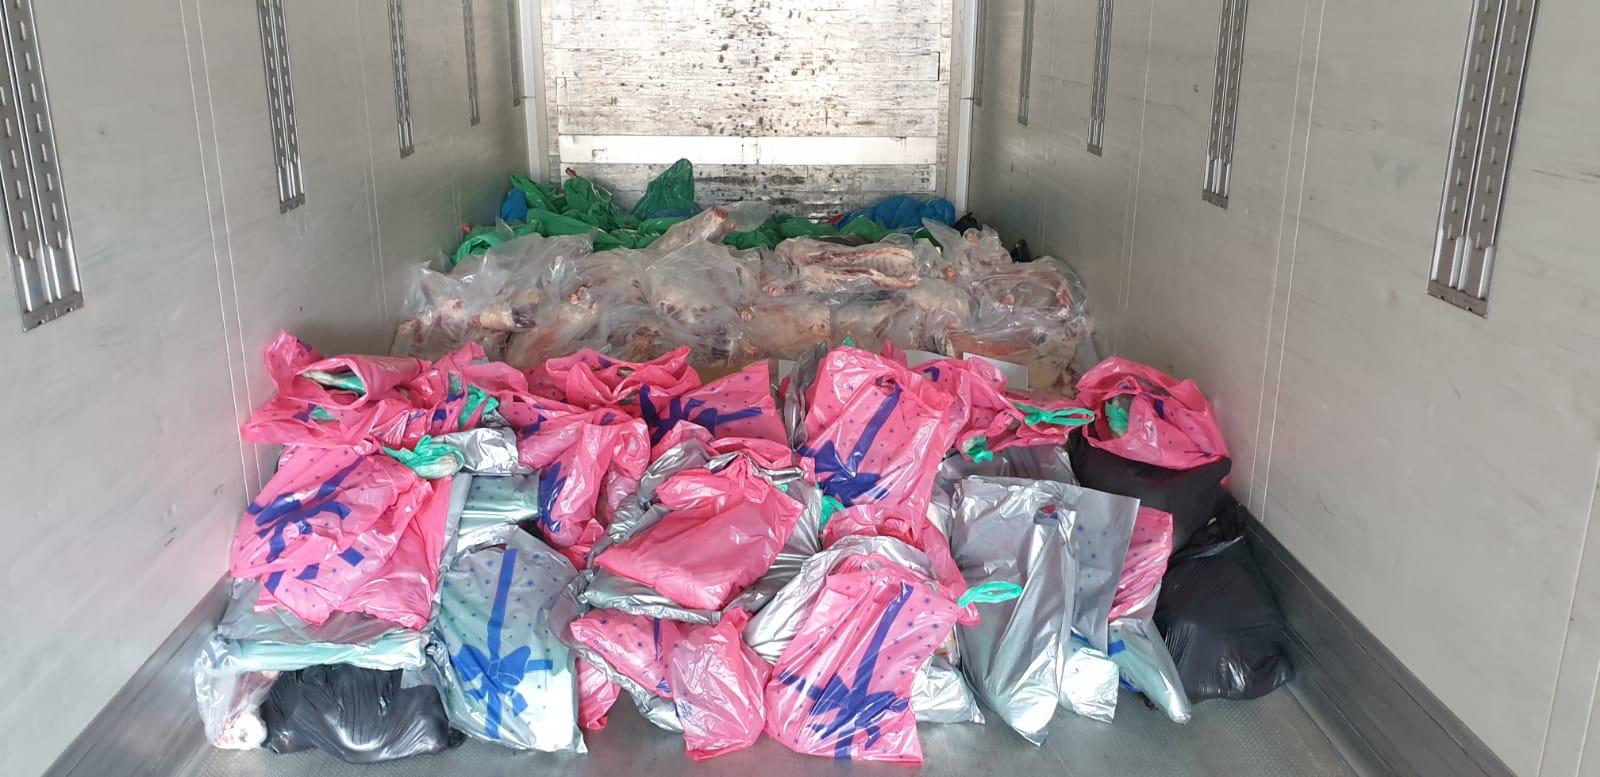 Akcija pakovanja kurbanskog mesa u hladnjaču, u Novom Pazaru